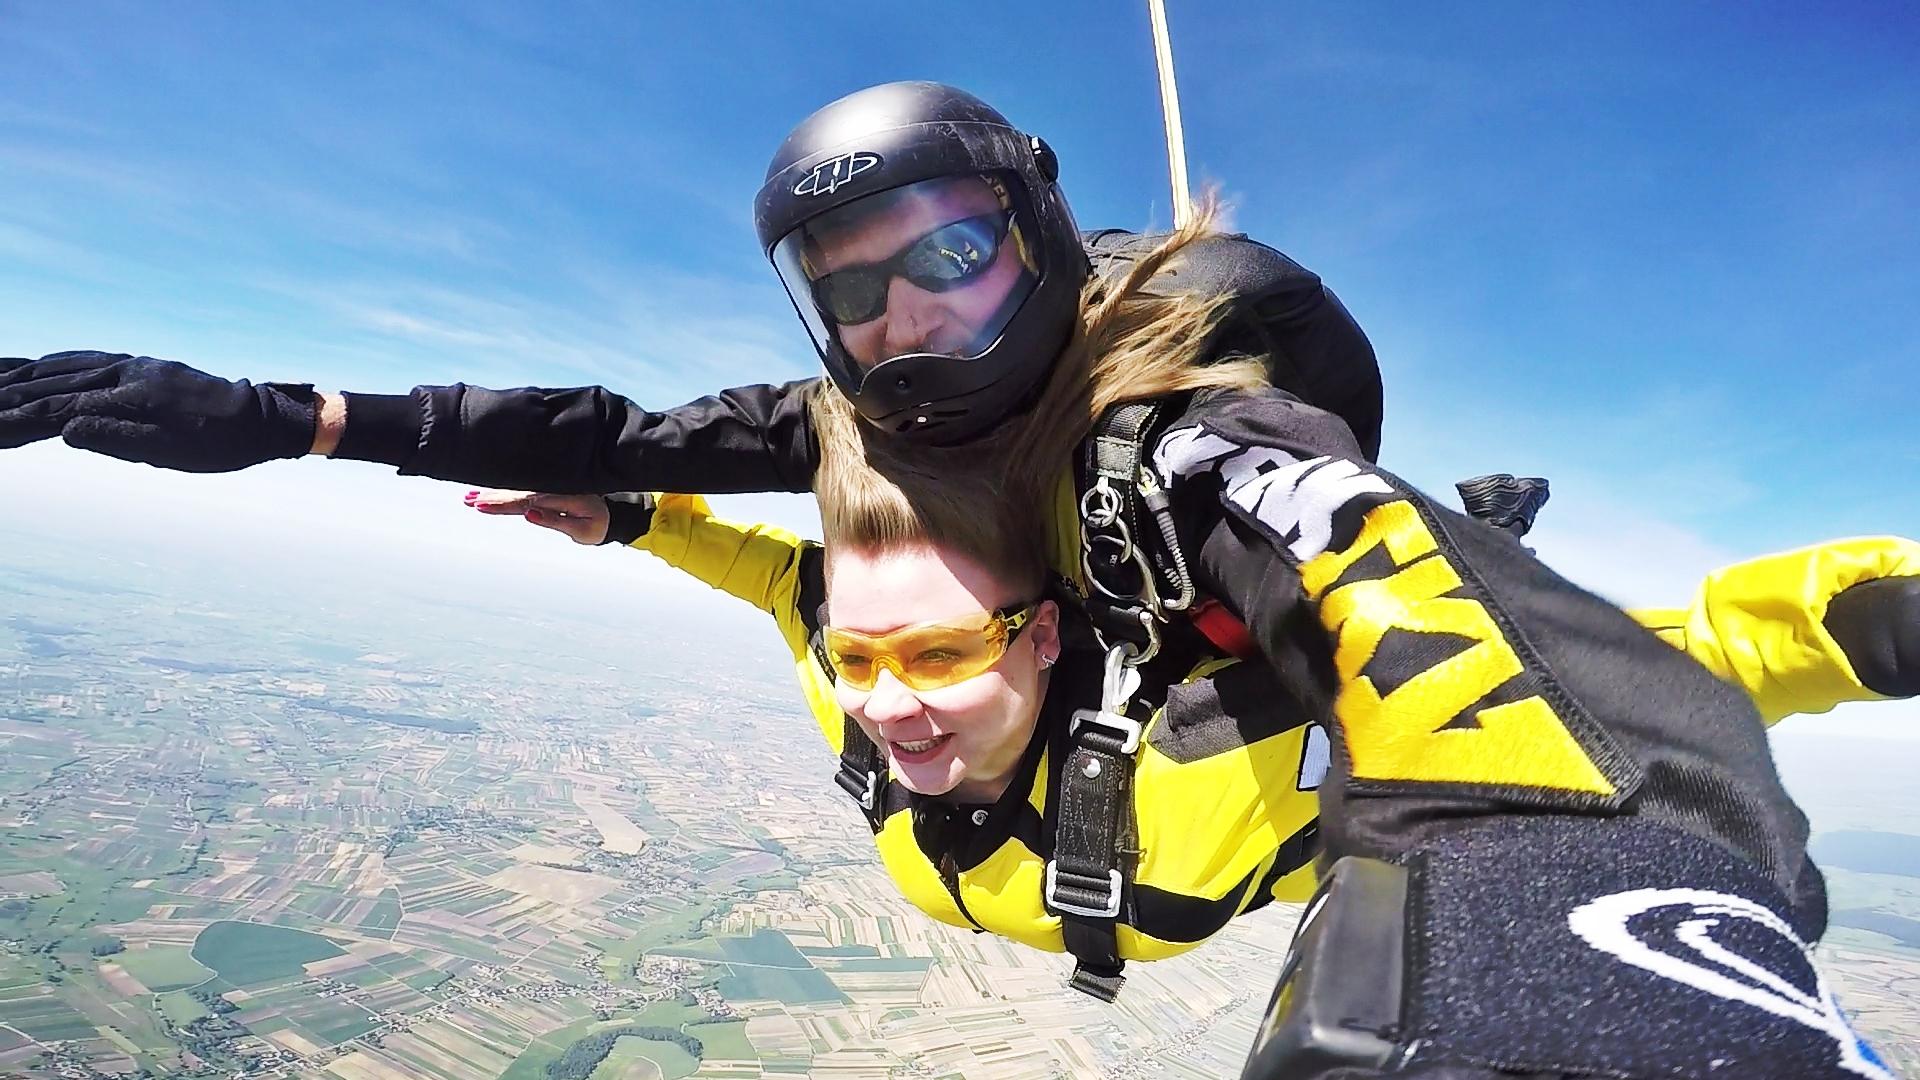 skoki spadochronowe kraków kraksy 4